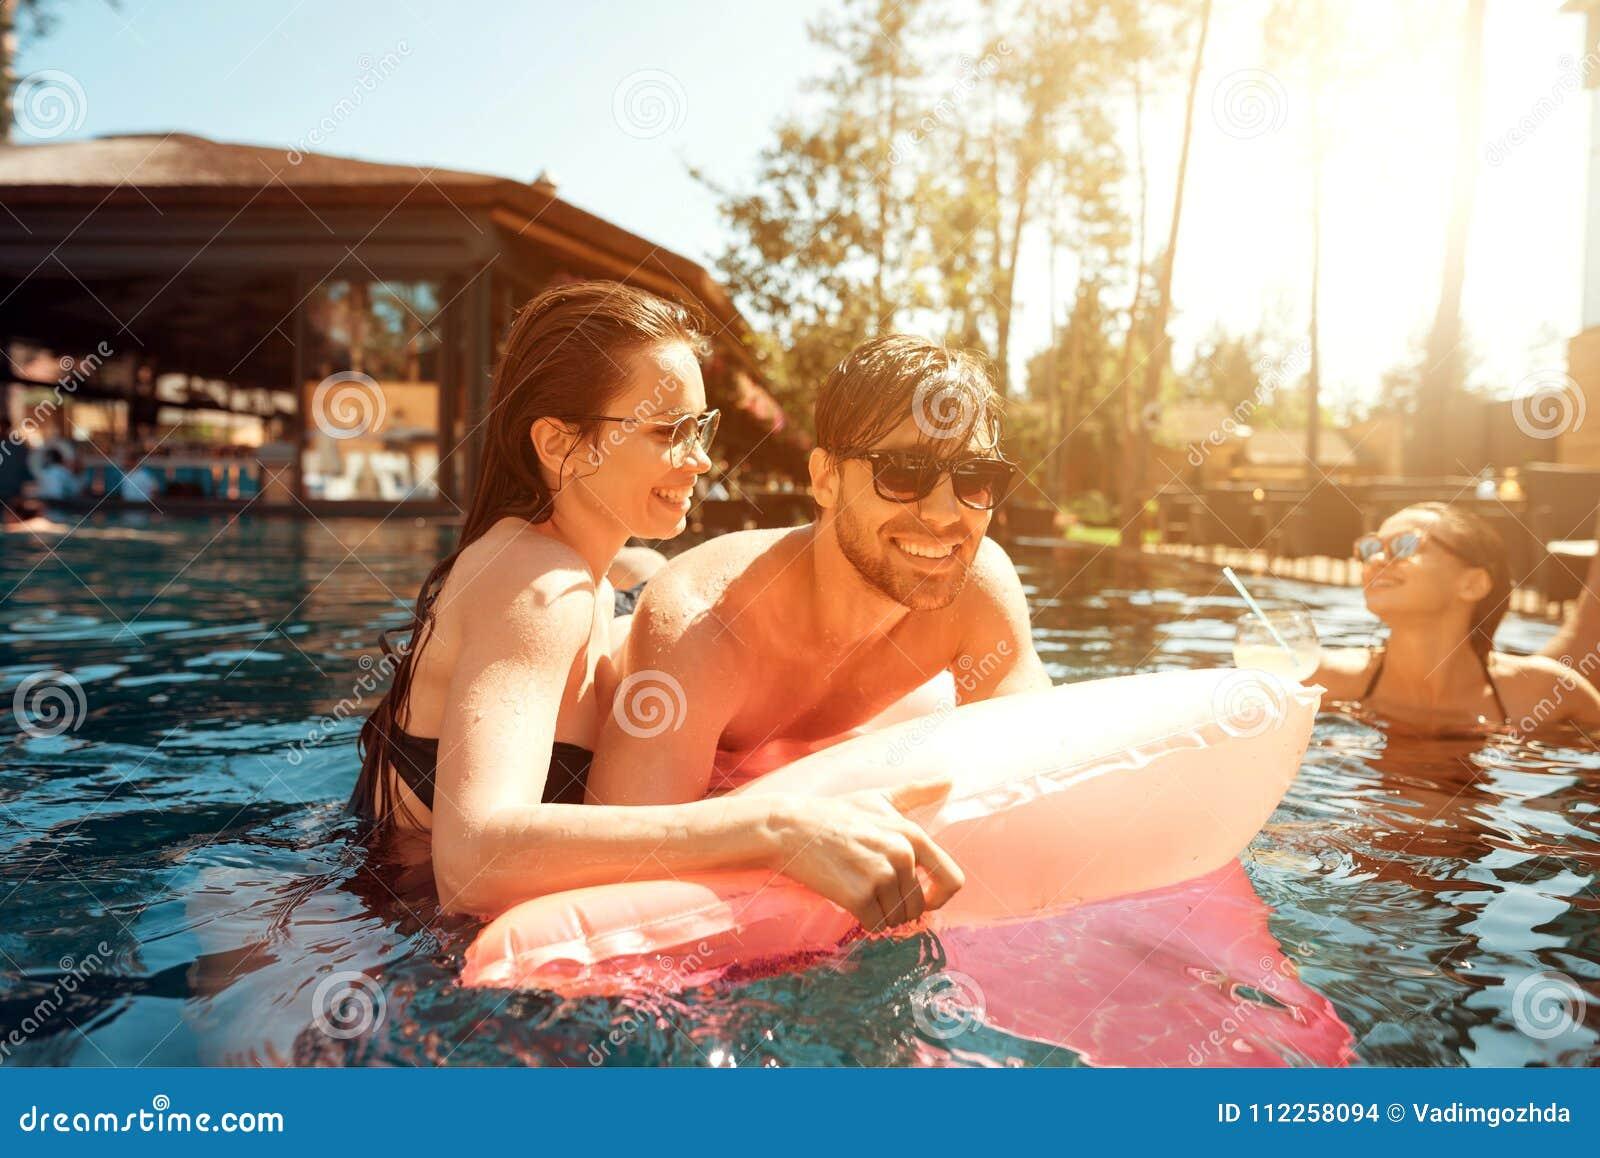 Multiethnische Firma von Freunden im Swimmingpool Firma von jungen Leuten verbringen Wochenende im Pool